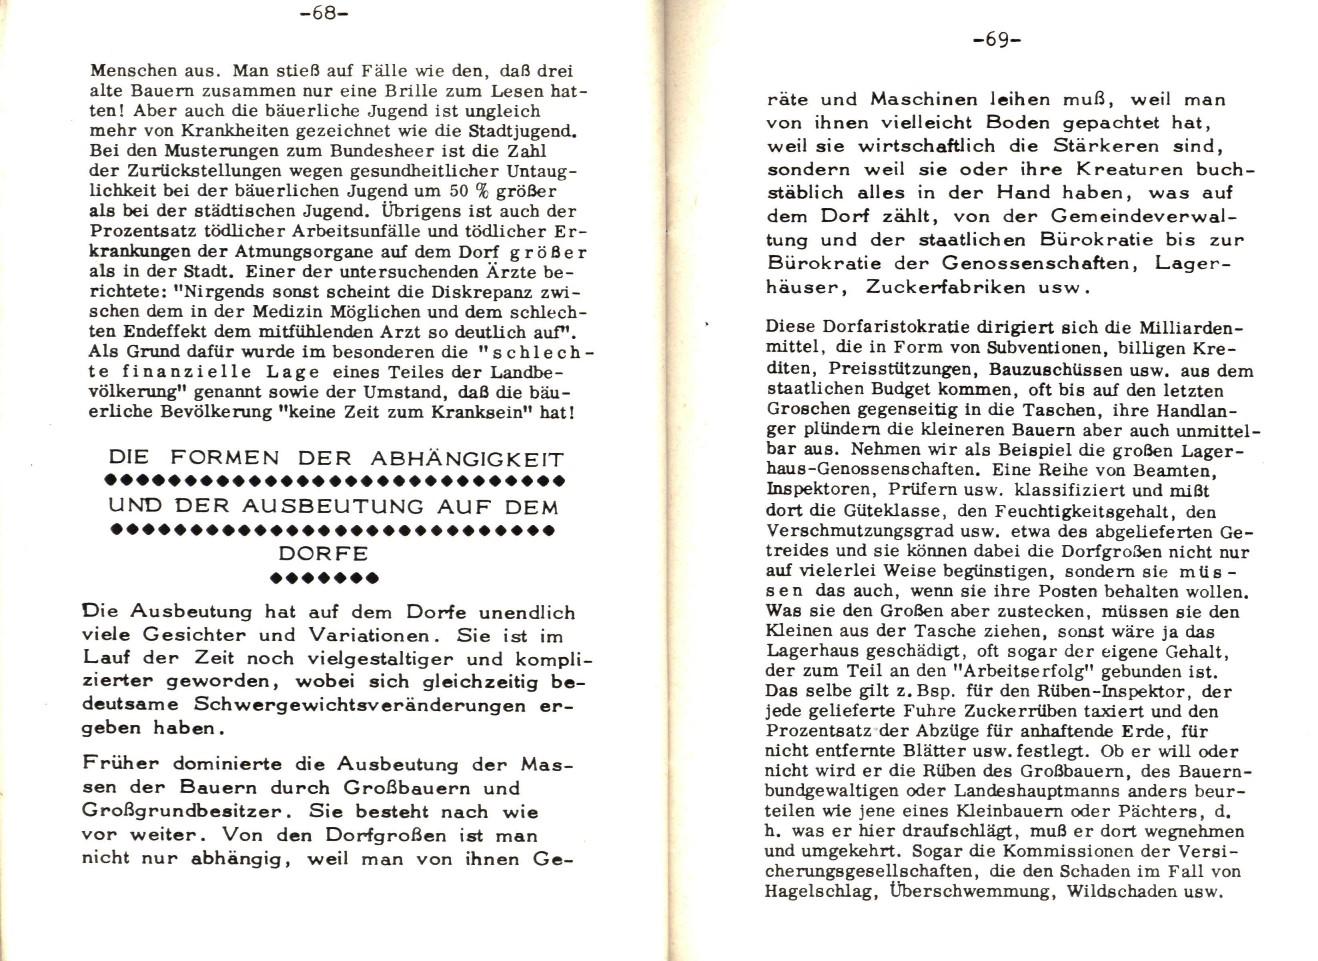 MLSK_Theorie_und_Praxis_des_ML_1978_23_38